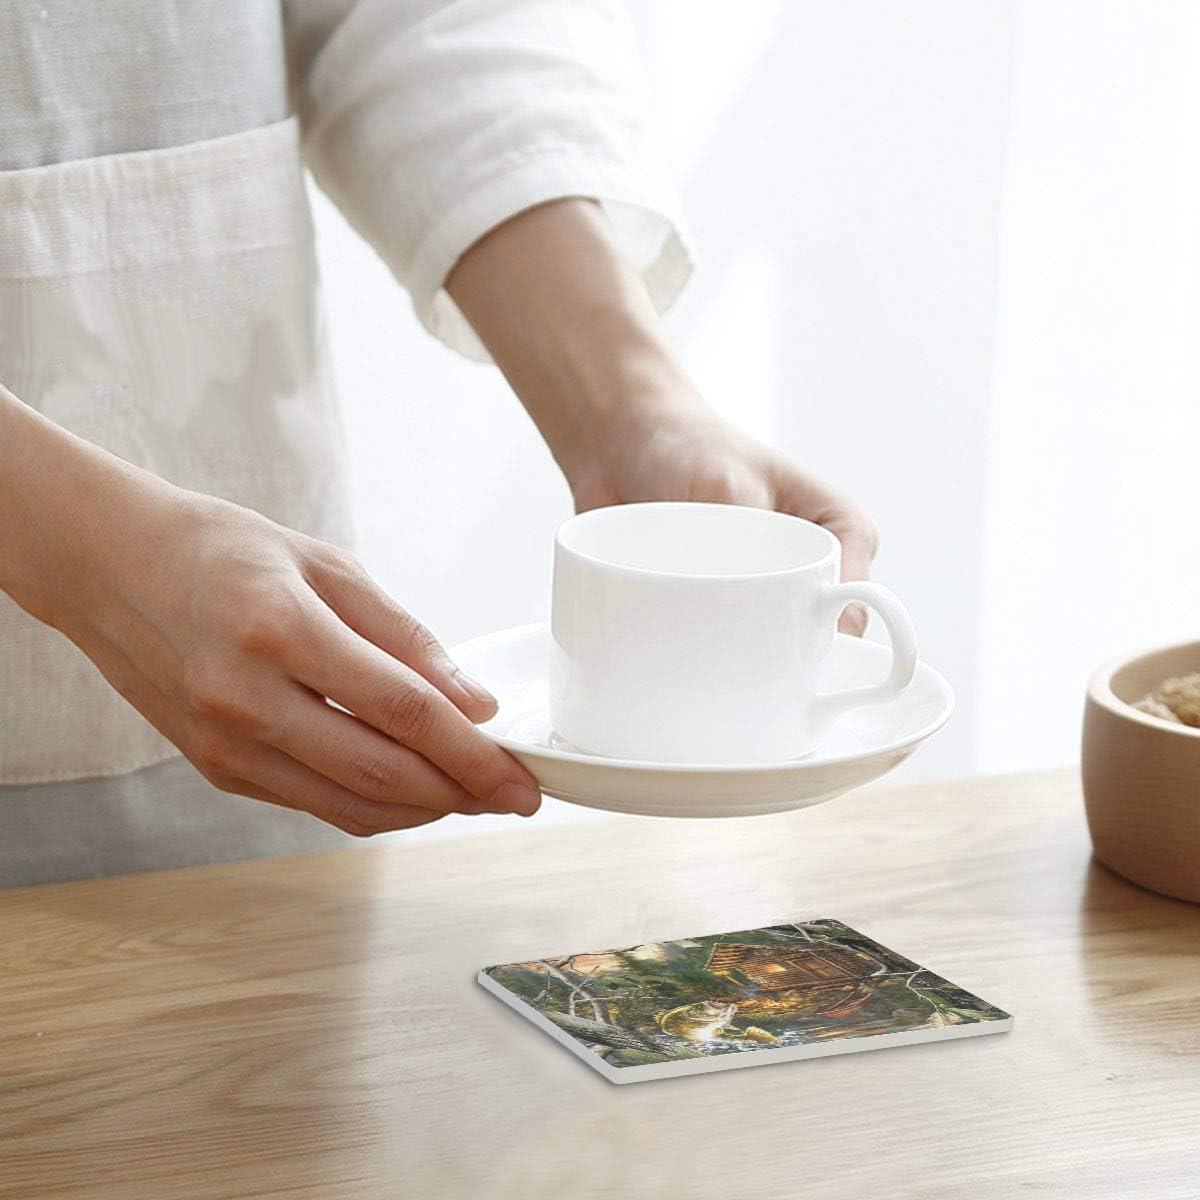 Compra PANILUR Cabaña del Bosque la Granja y bajo bocazas,Posavasos de cerámica, Base de cojín para Taza de café en Amazon.es